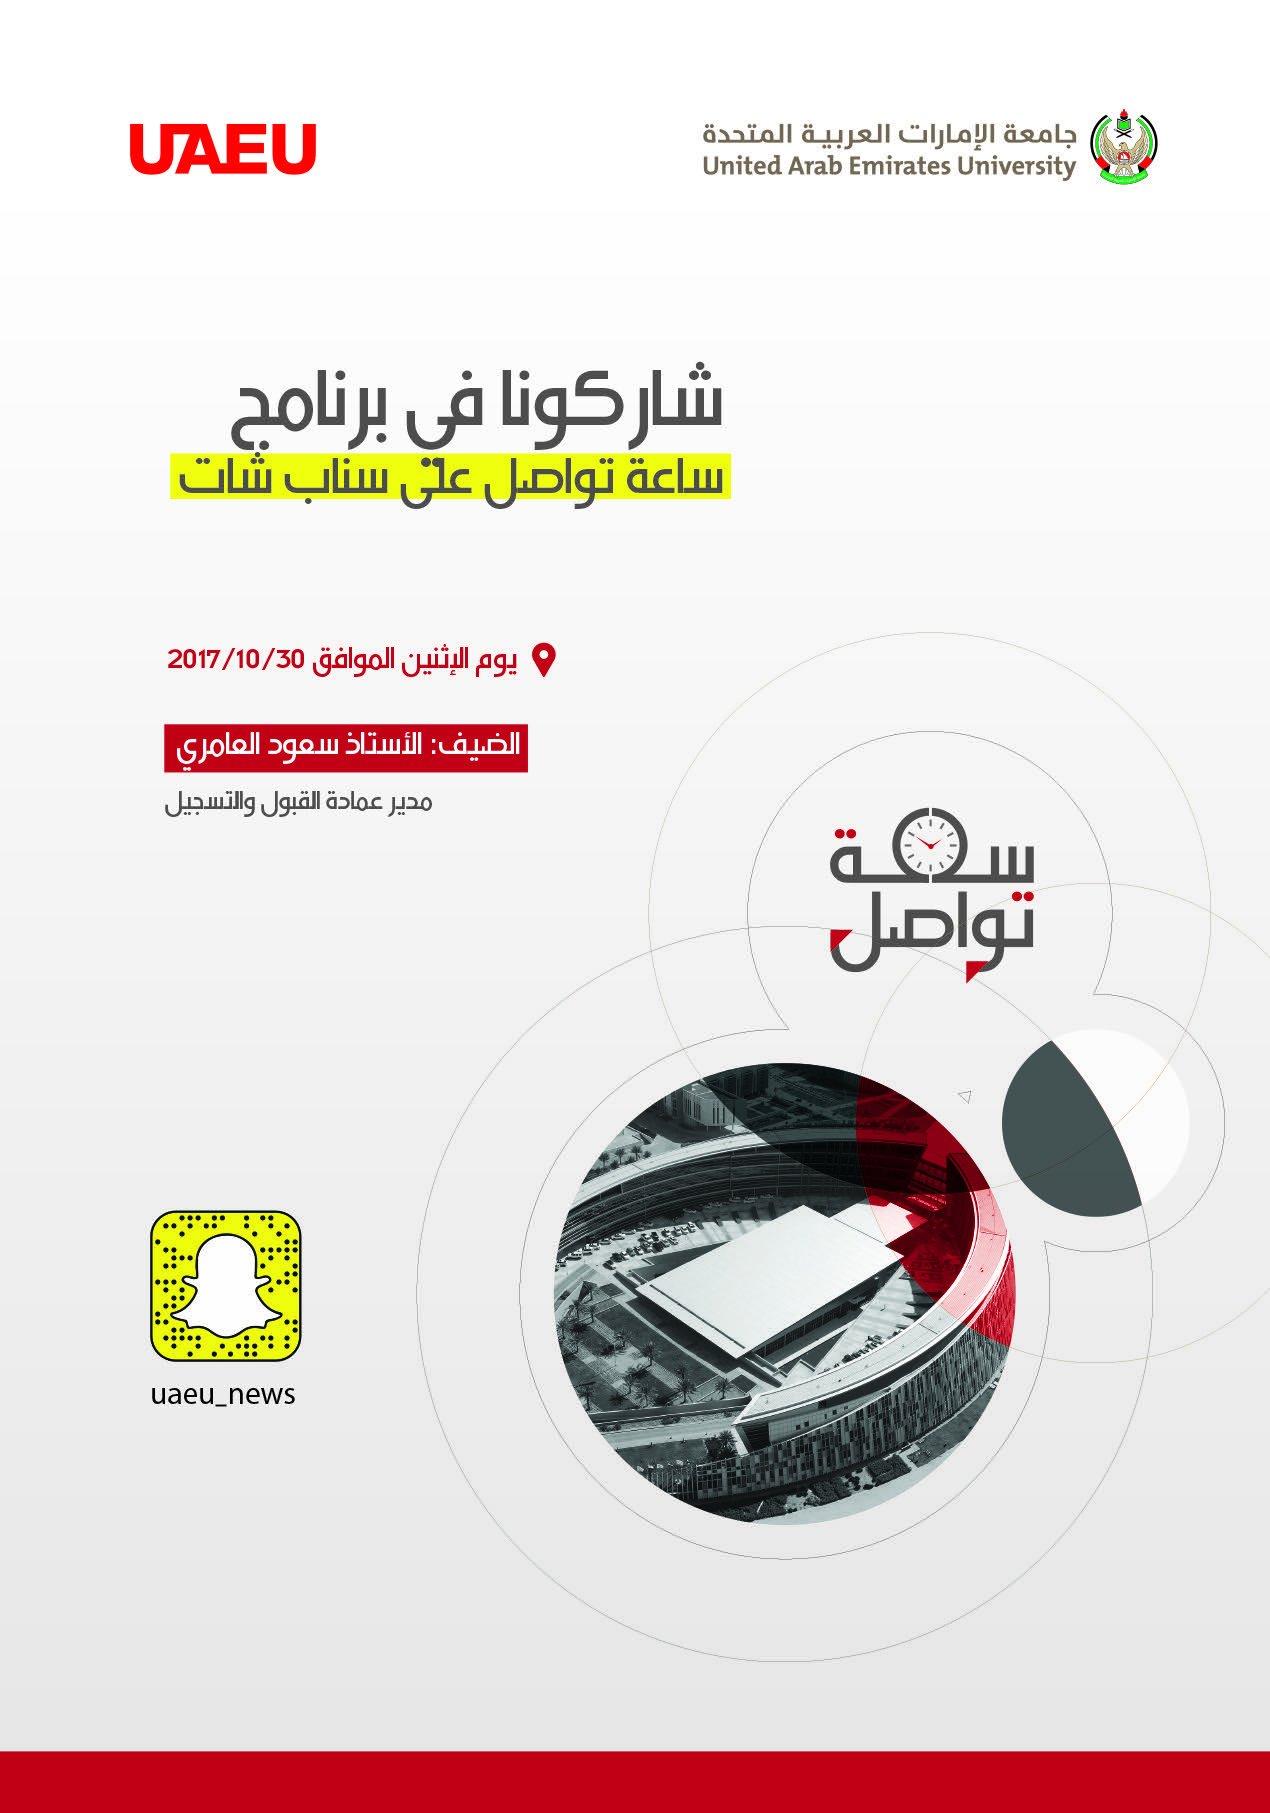 جامعة الإمارات العربية المتحدة على تويتر يمكنكم طرح أسئلتكم الخاصة بالقبول والتسجيل تحت هذا الإعلان للإجابة عنها غدا خلال الحلقة